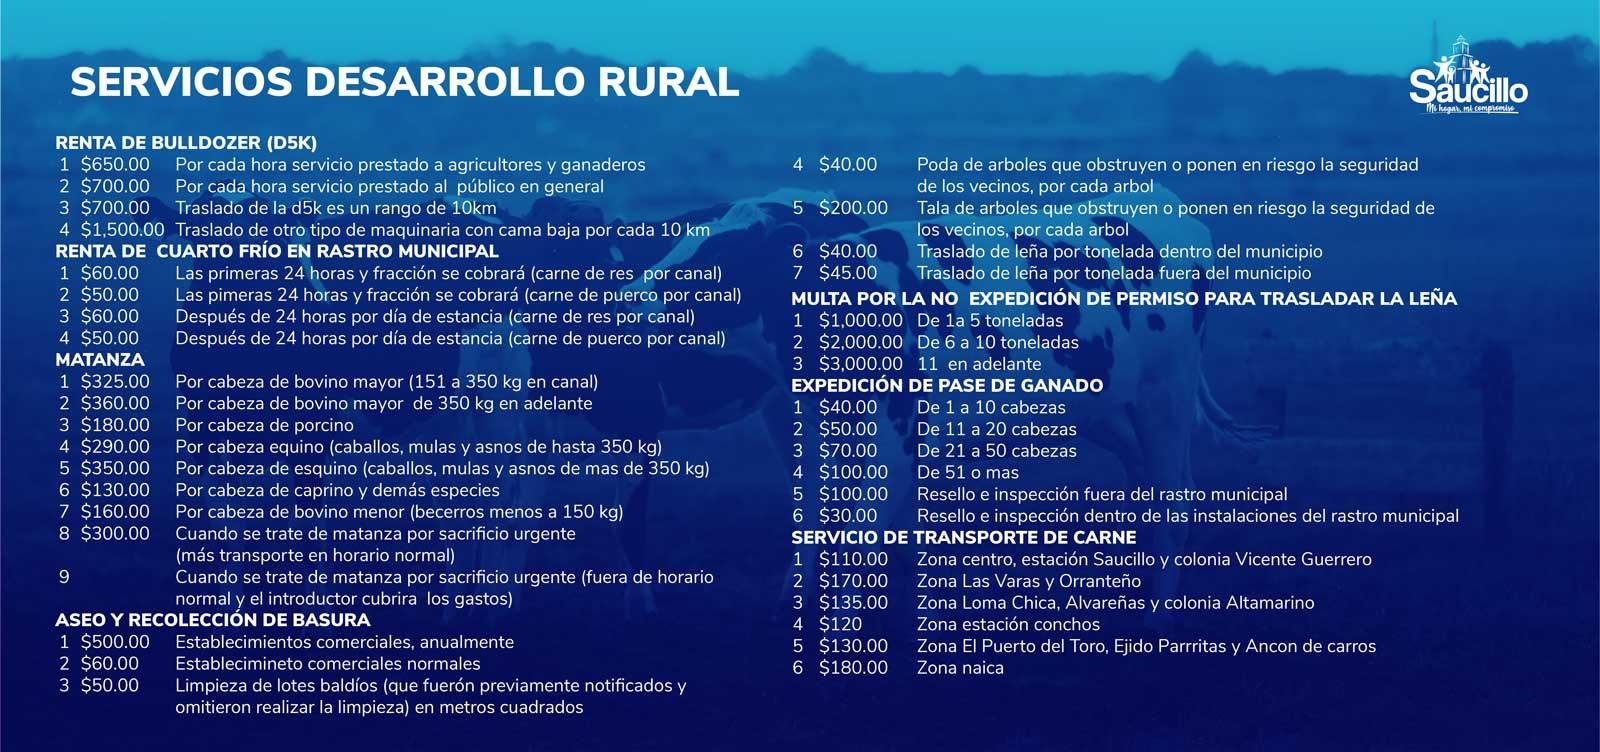 Servicios de Desarrollo Rural